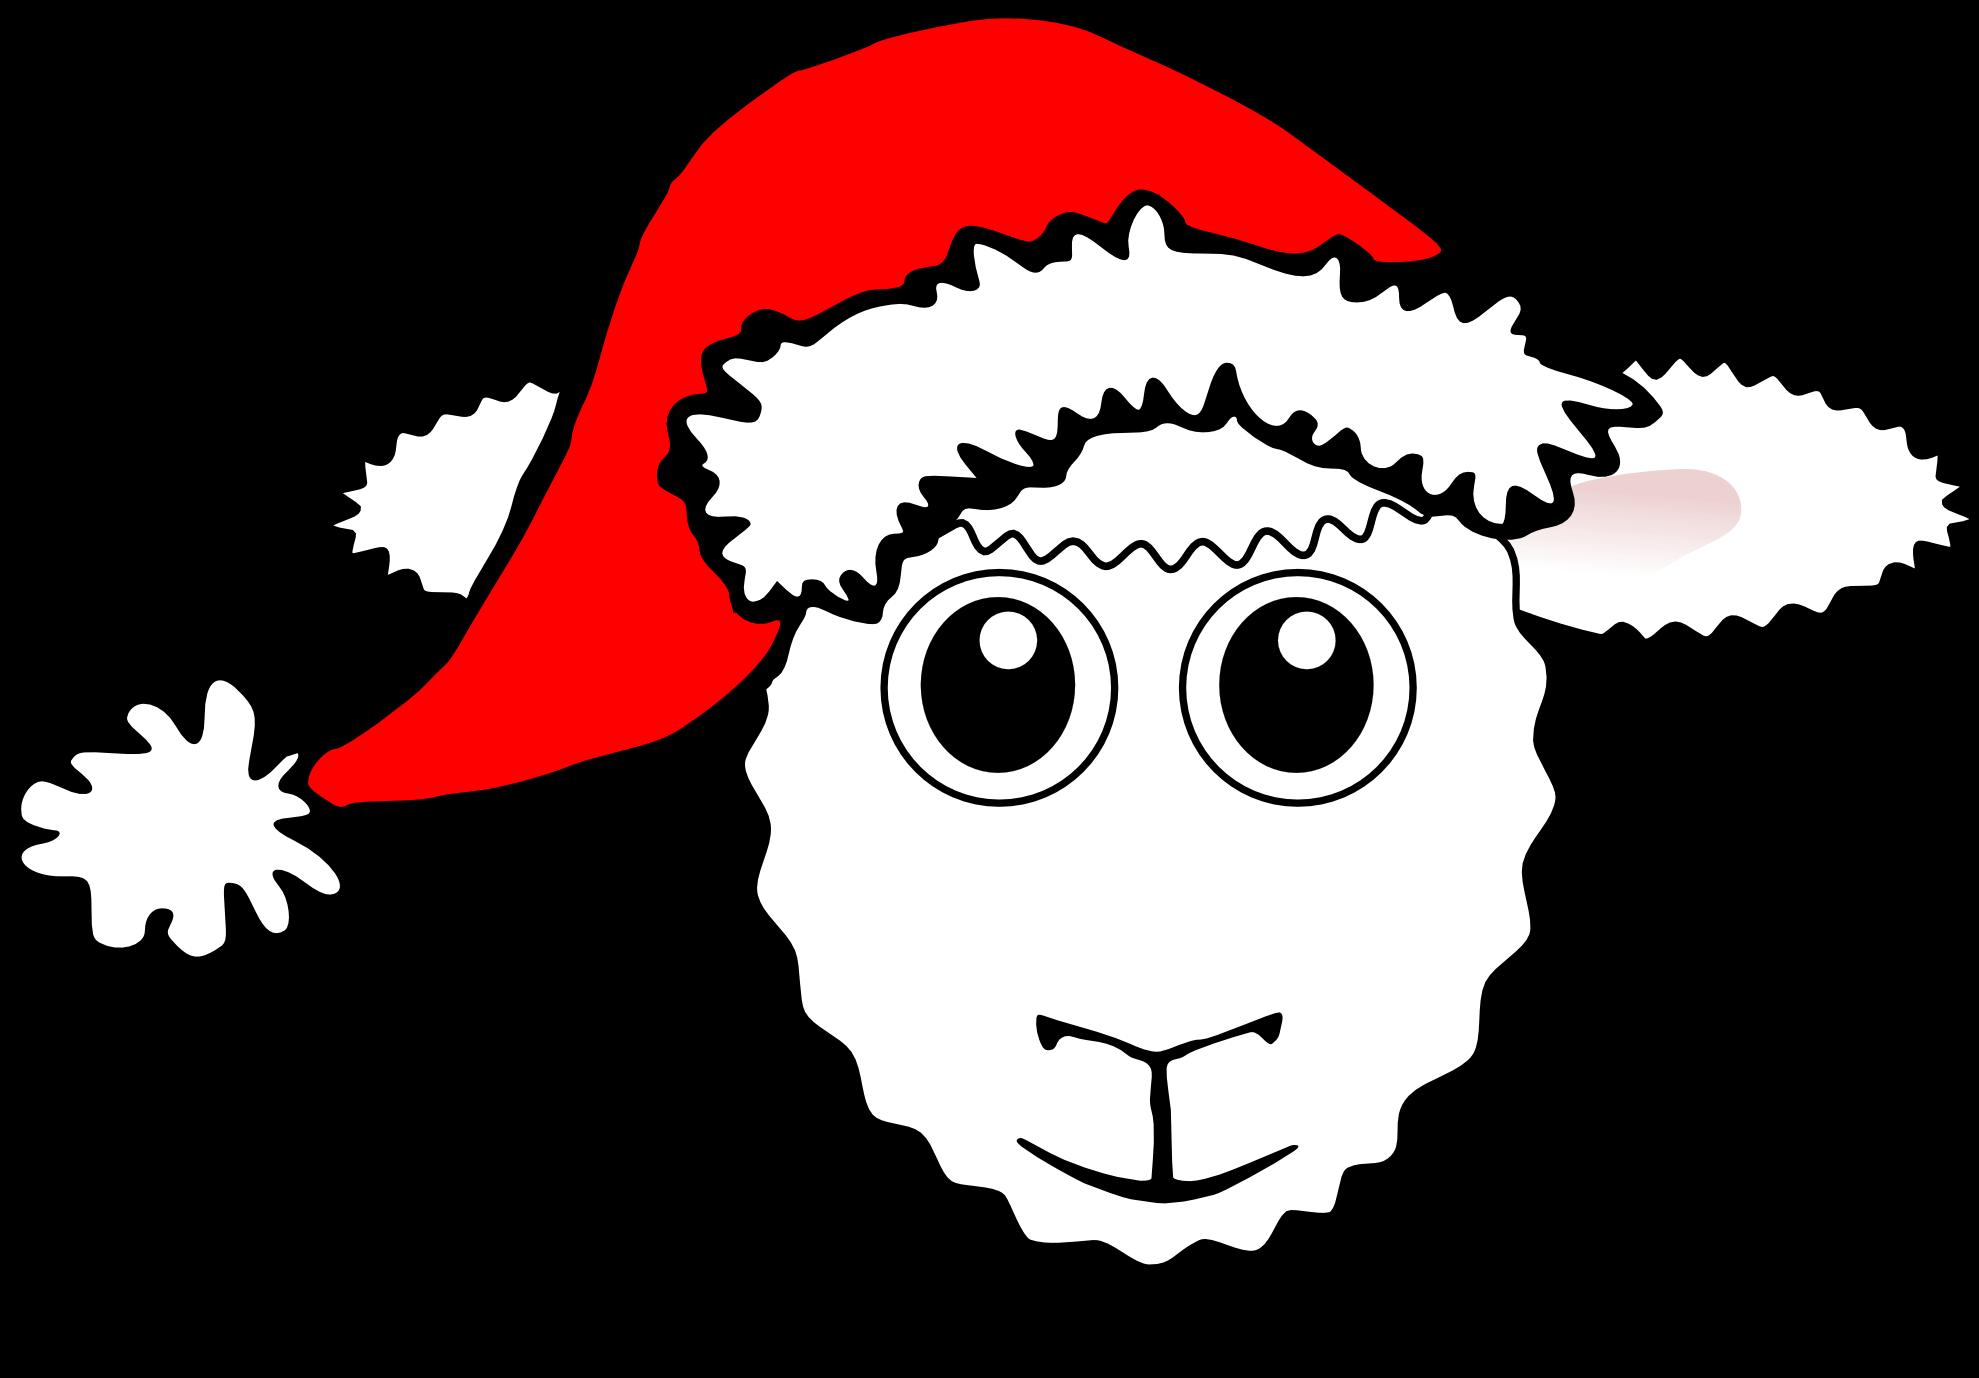 Sheep cliparts zone black. Lamb clipart lamb head